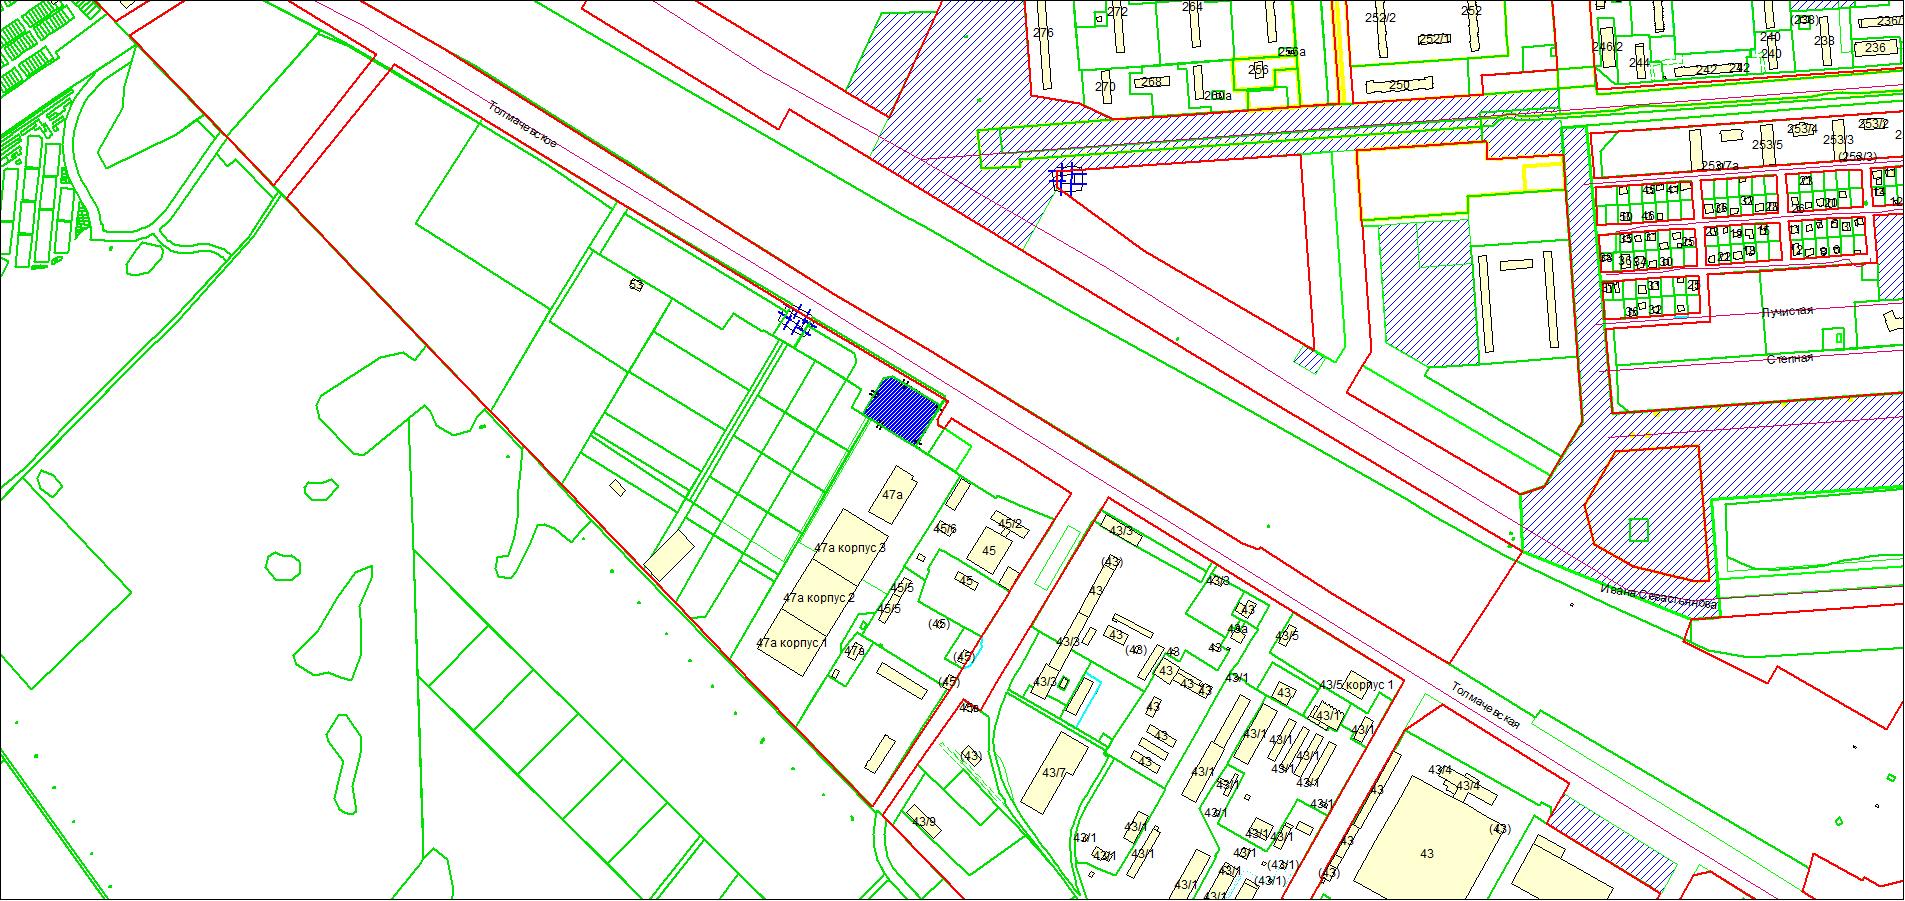 Схема расположения земельного участка площадью 7463 кв. м по адресу: Толмачевское шоссе, 47б, Ленинский район